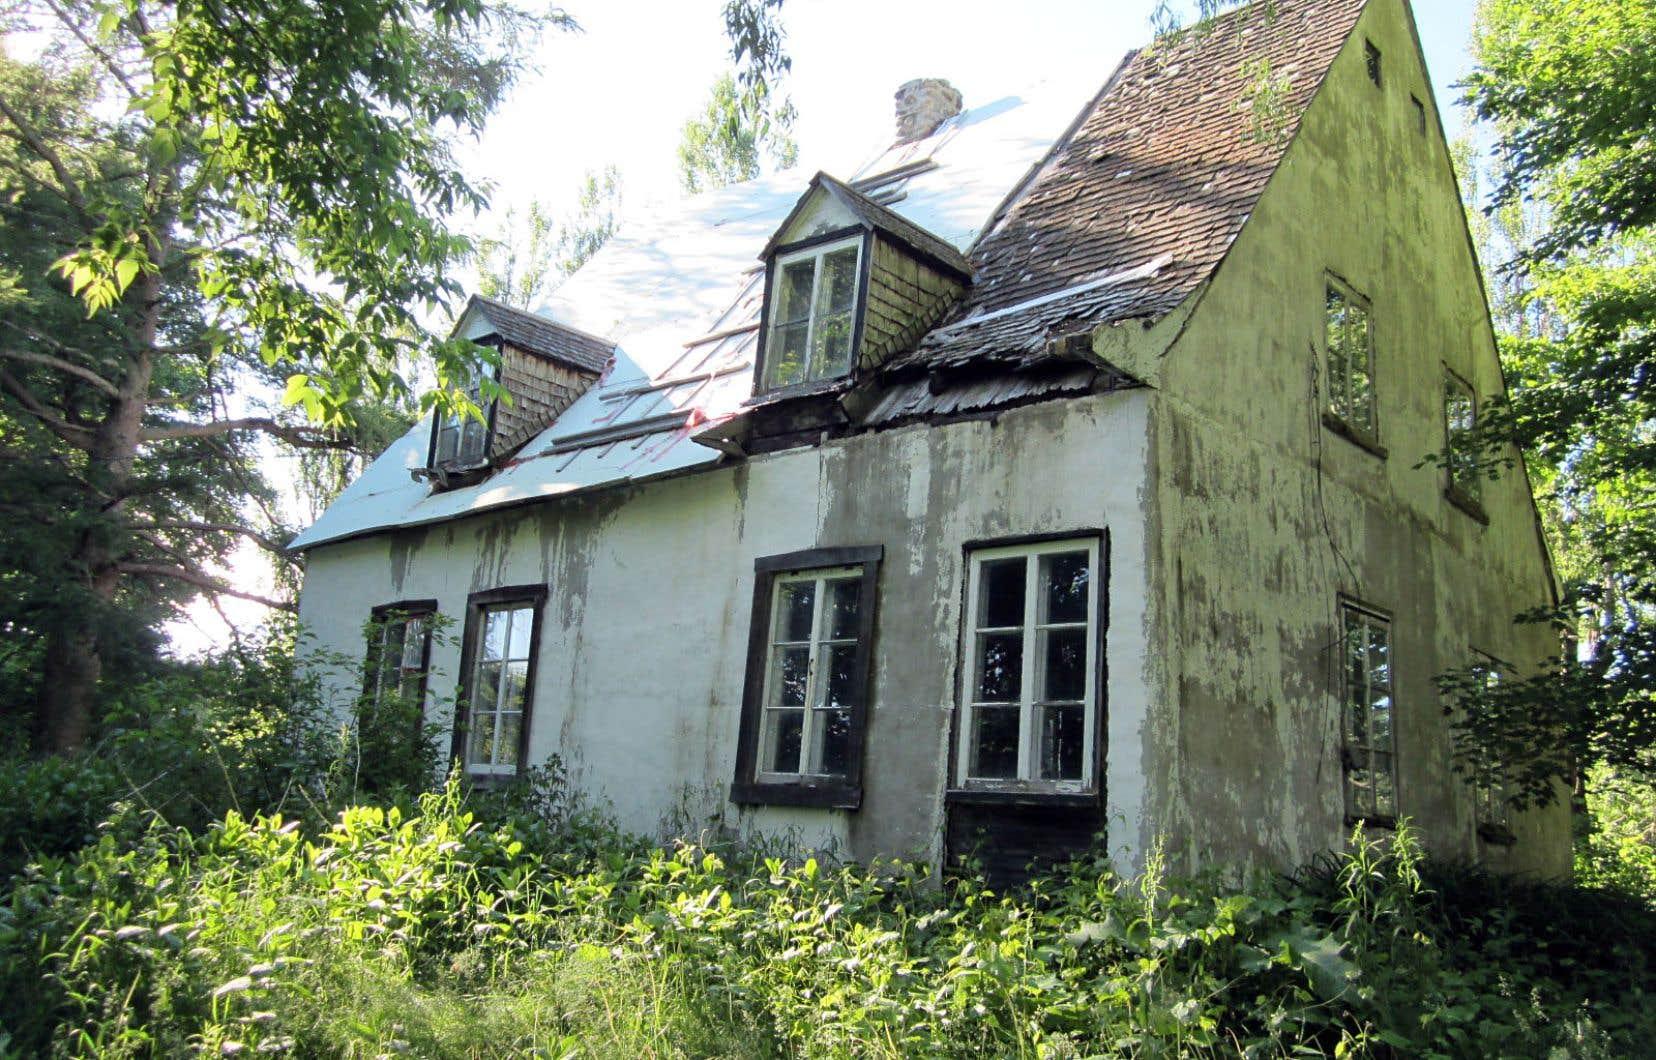 La maison Legendre, construite vers 1790, la plus vieille des environs, risque d'être prochainement démolie sous le pic de démolisseurs.